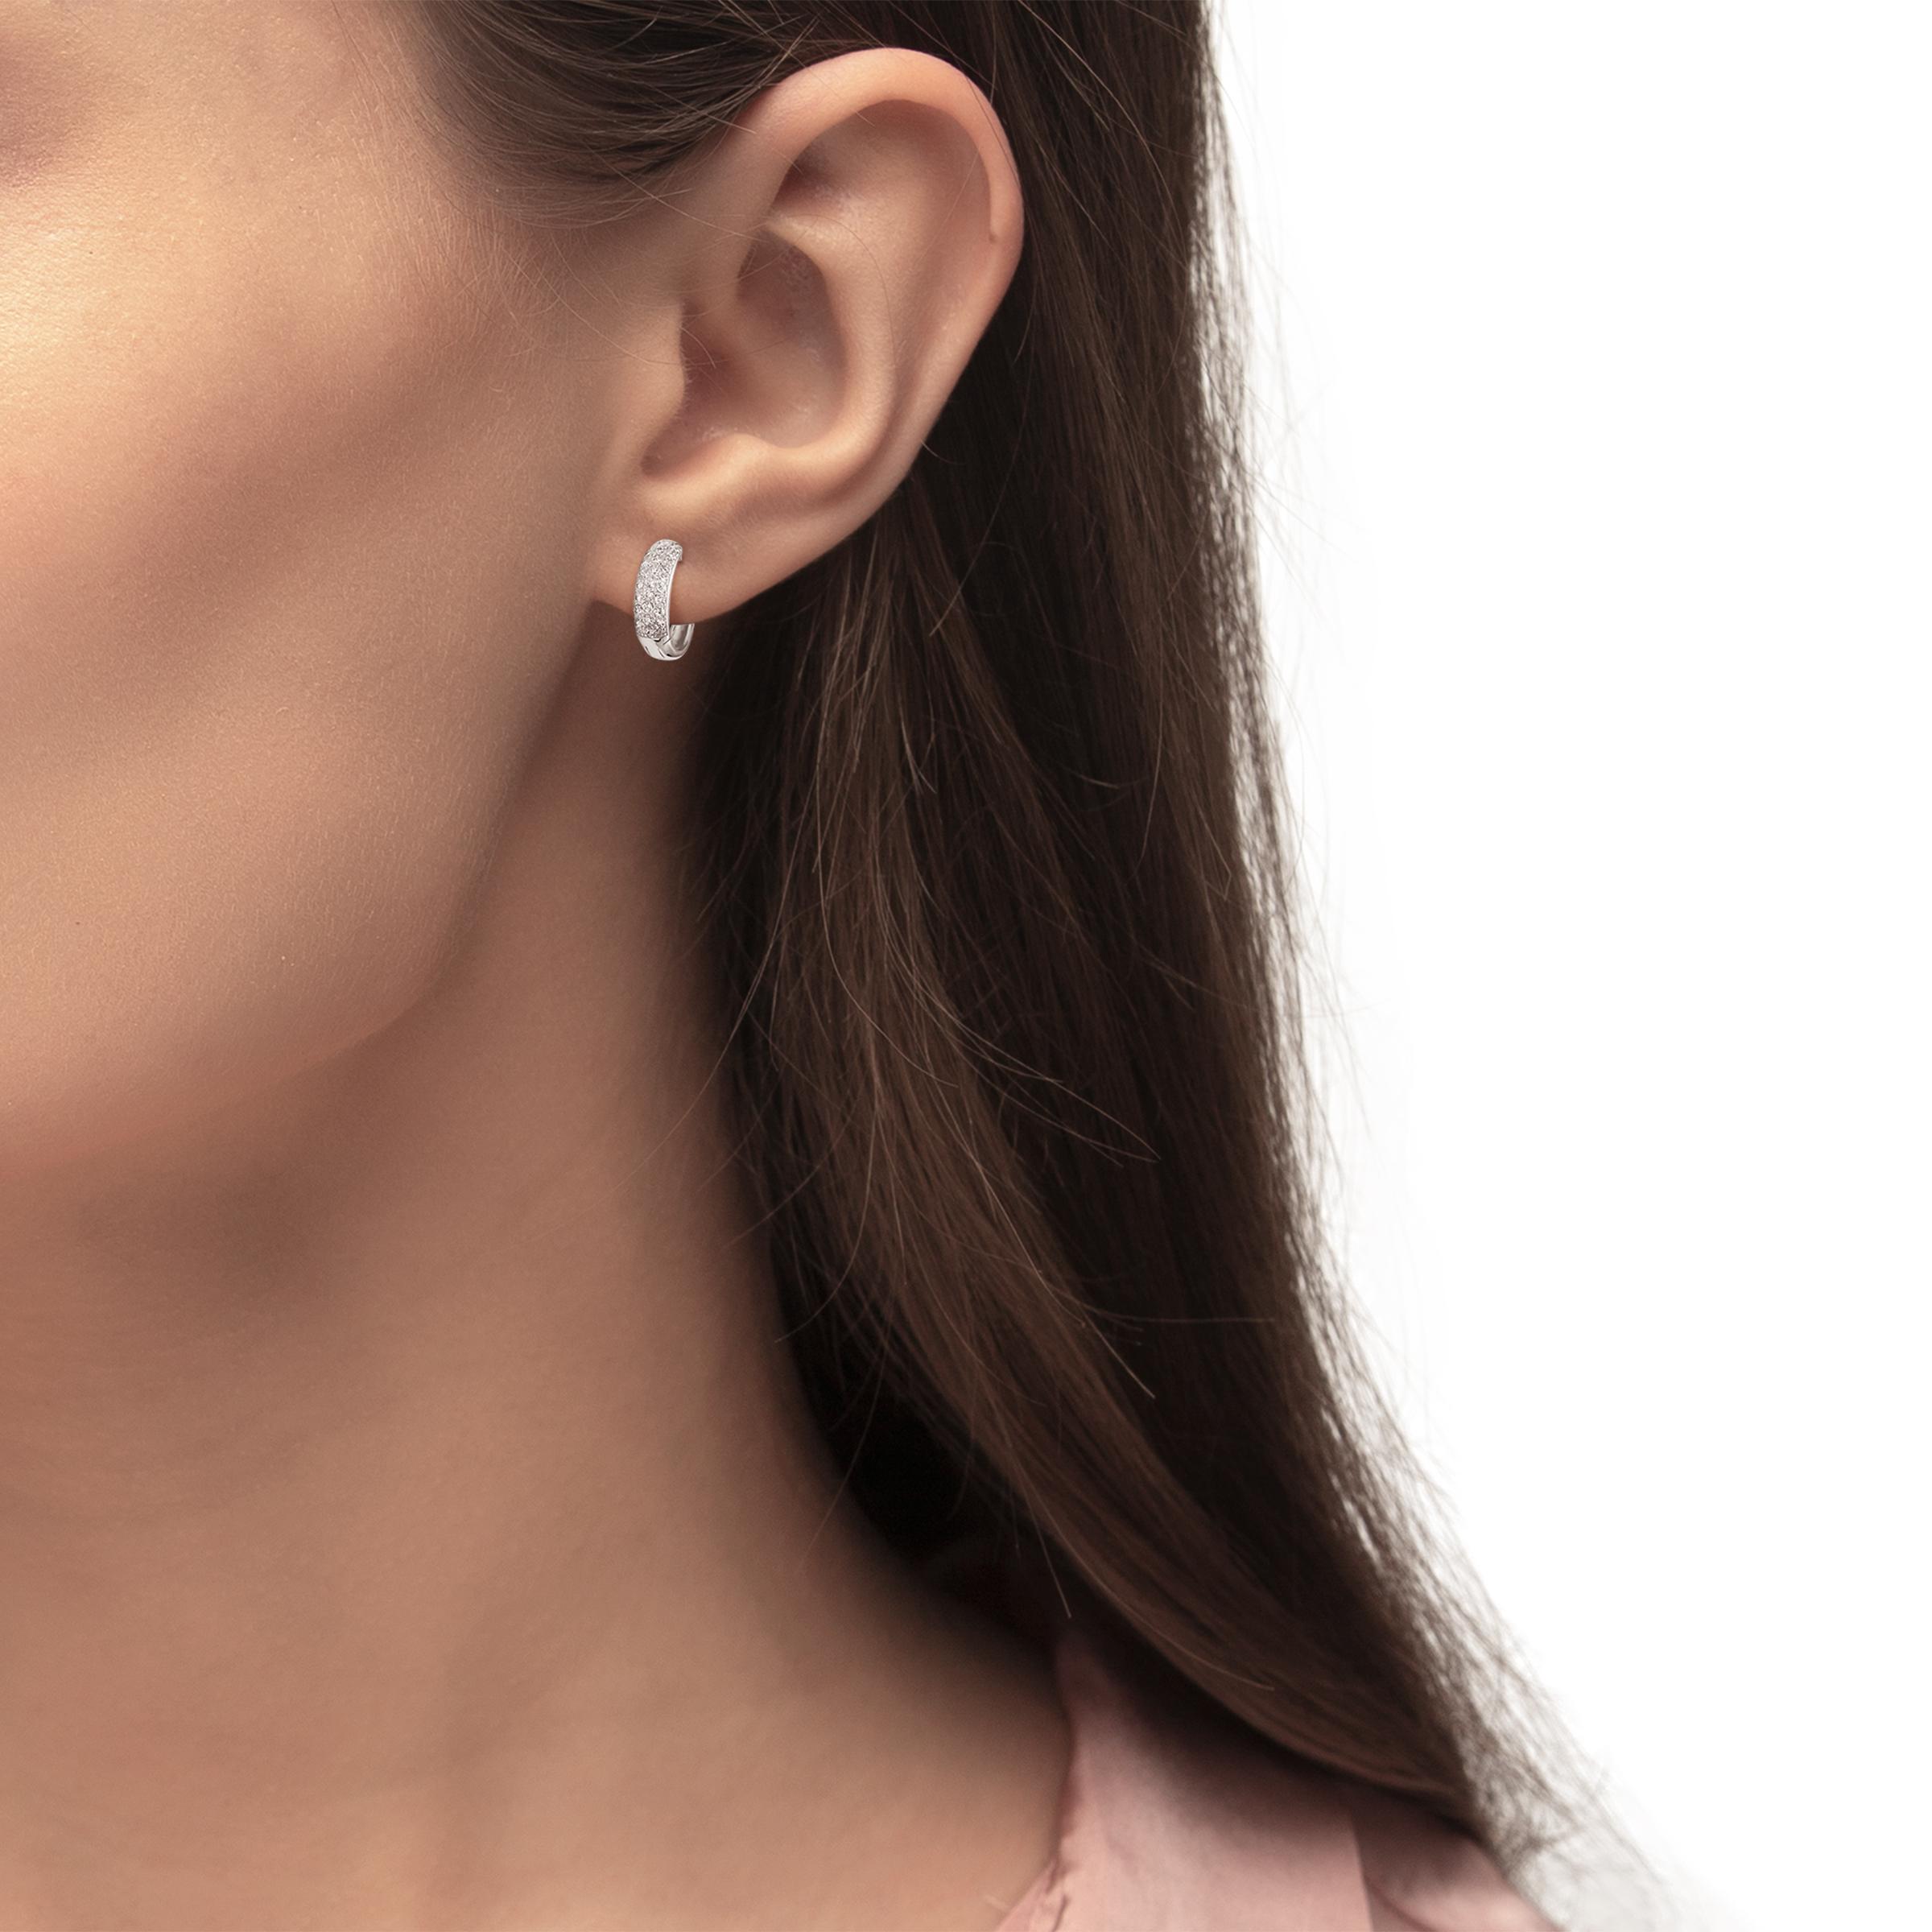 Creole für Damen 13 mm 925 Sterling Silber rhodiniert Zirkonia weiß